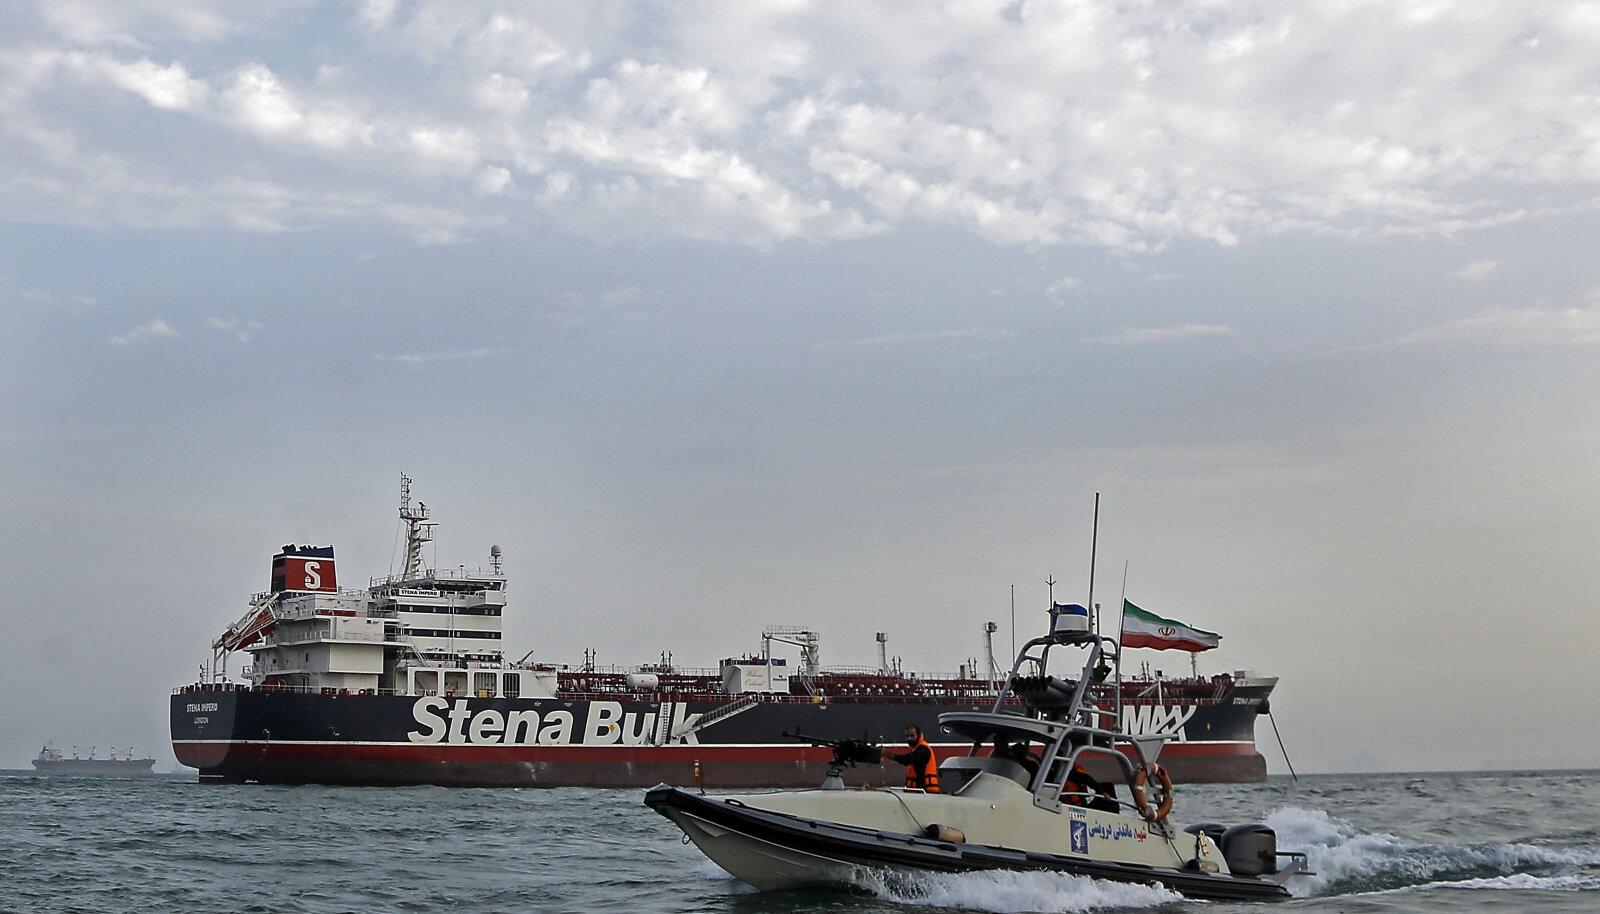 Iraani vägede kiirkaater Iraani poolt hõivatud Stena naftatankeri juures.